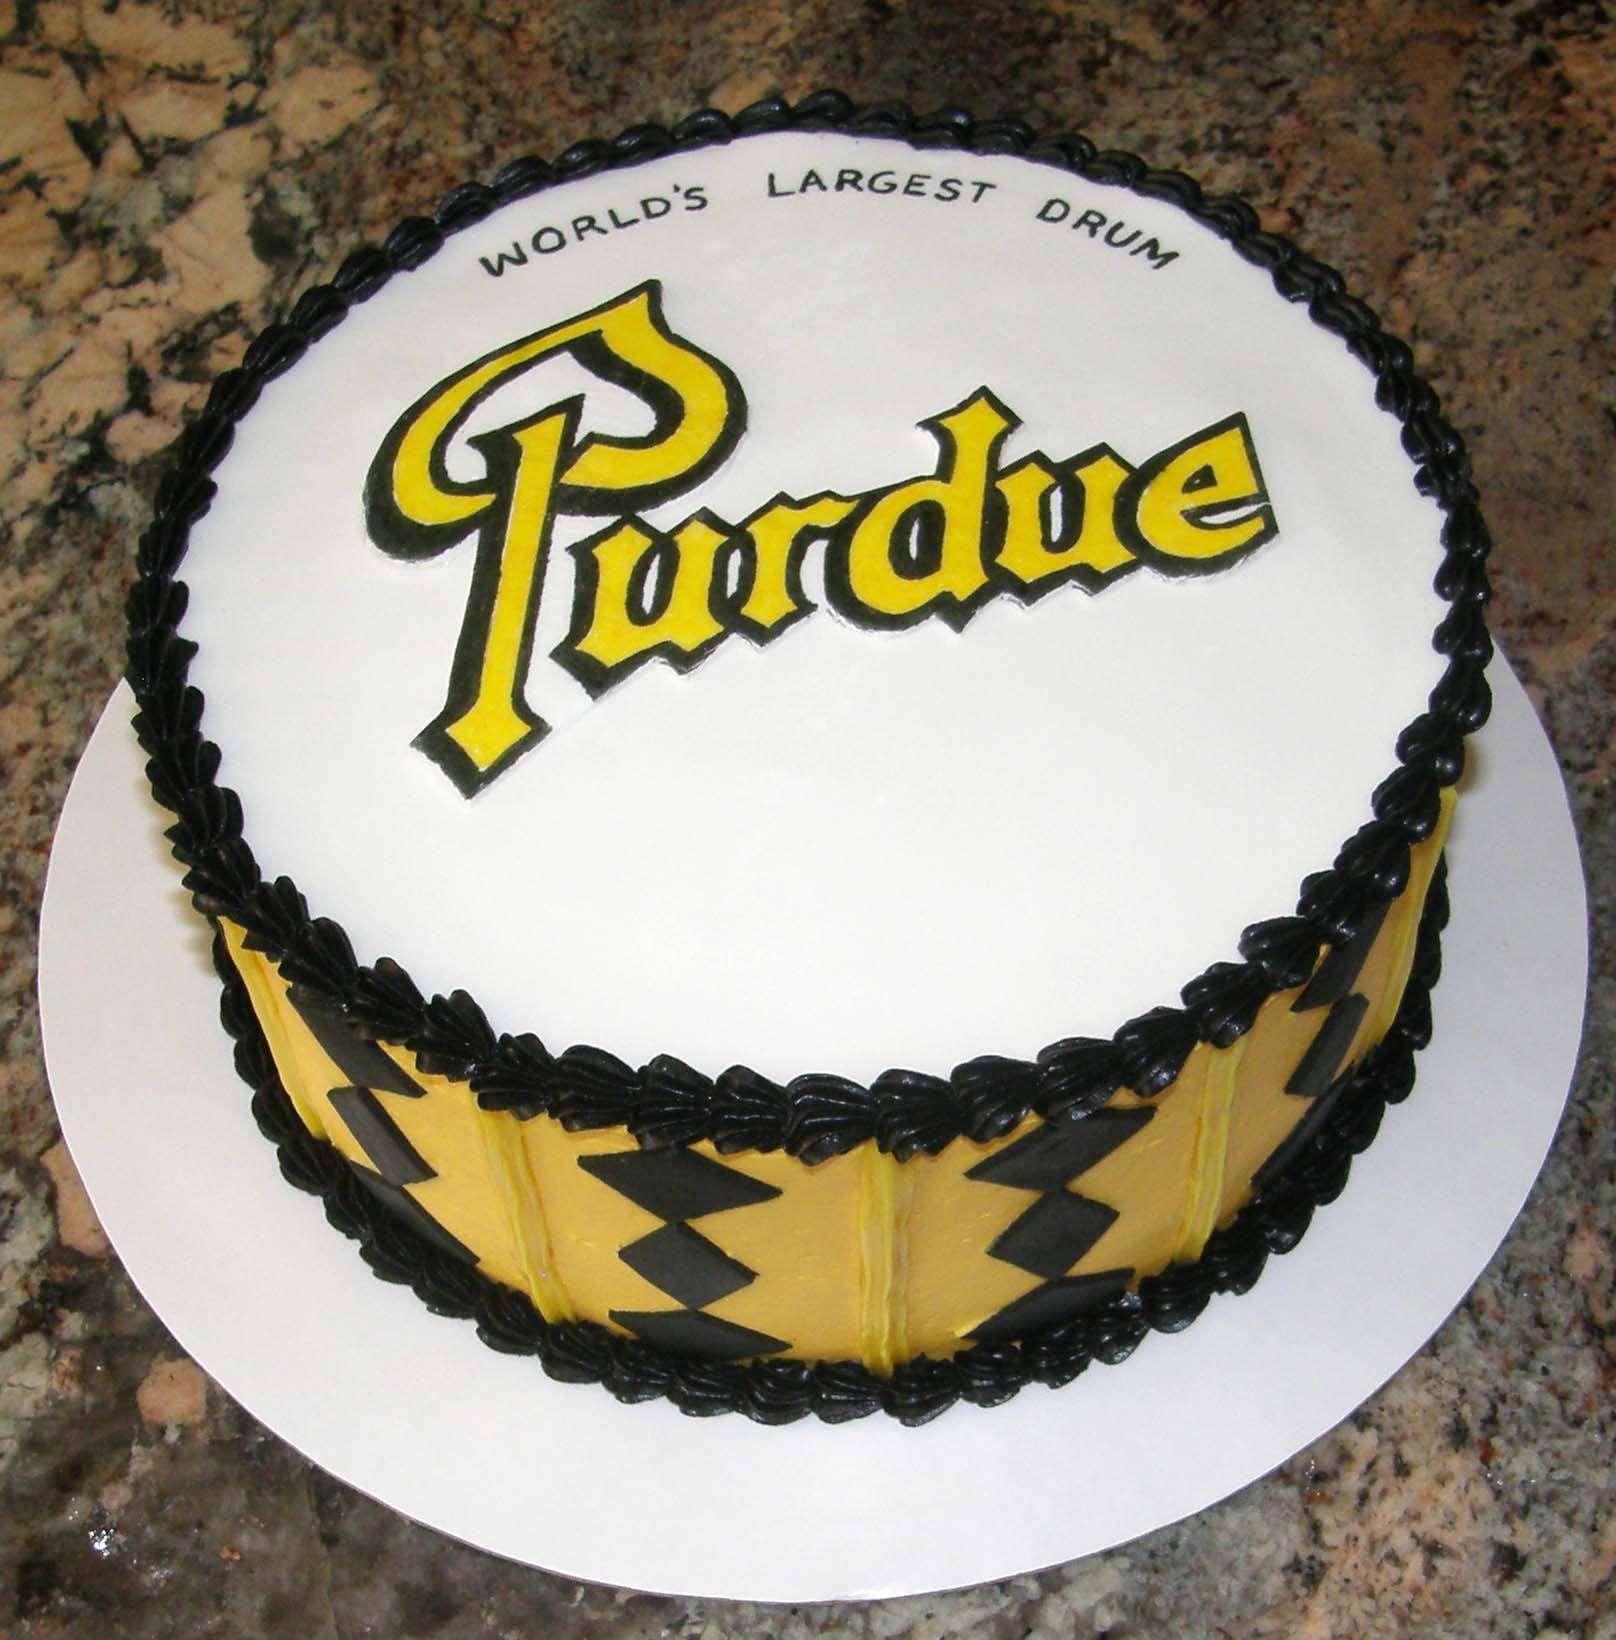 Color printing purdue - Purdue Football Boilermakers Cake